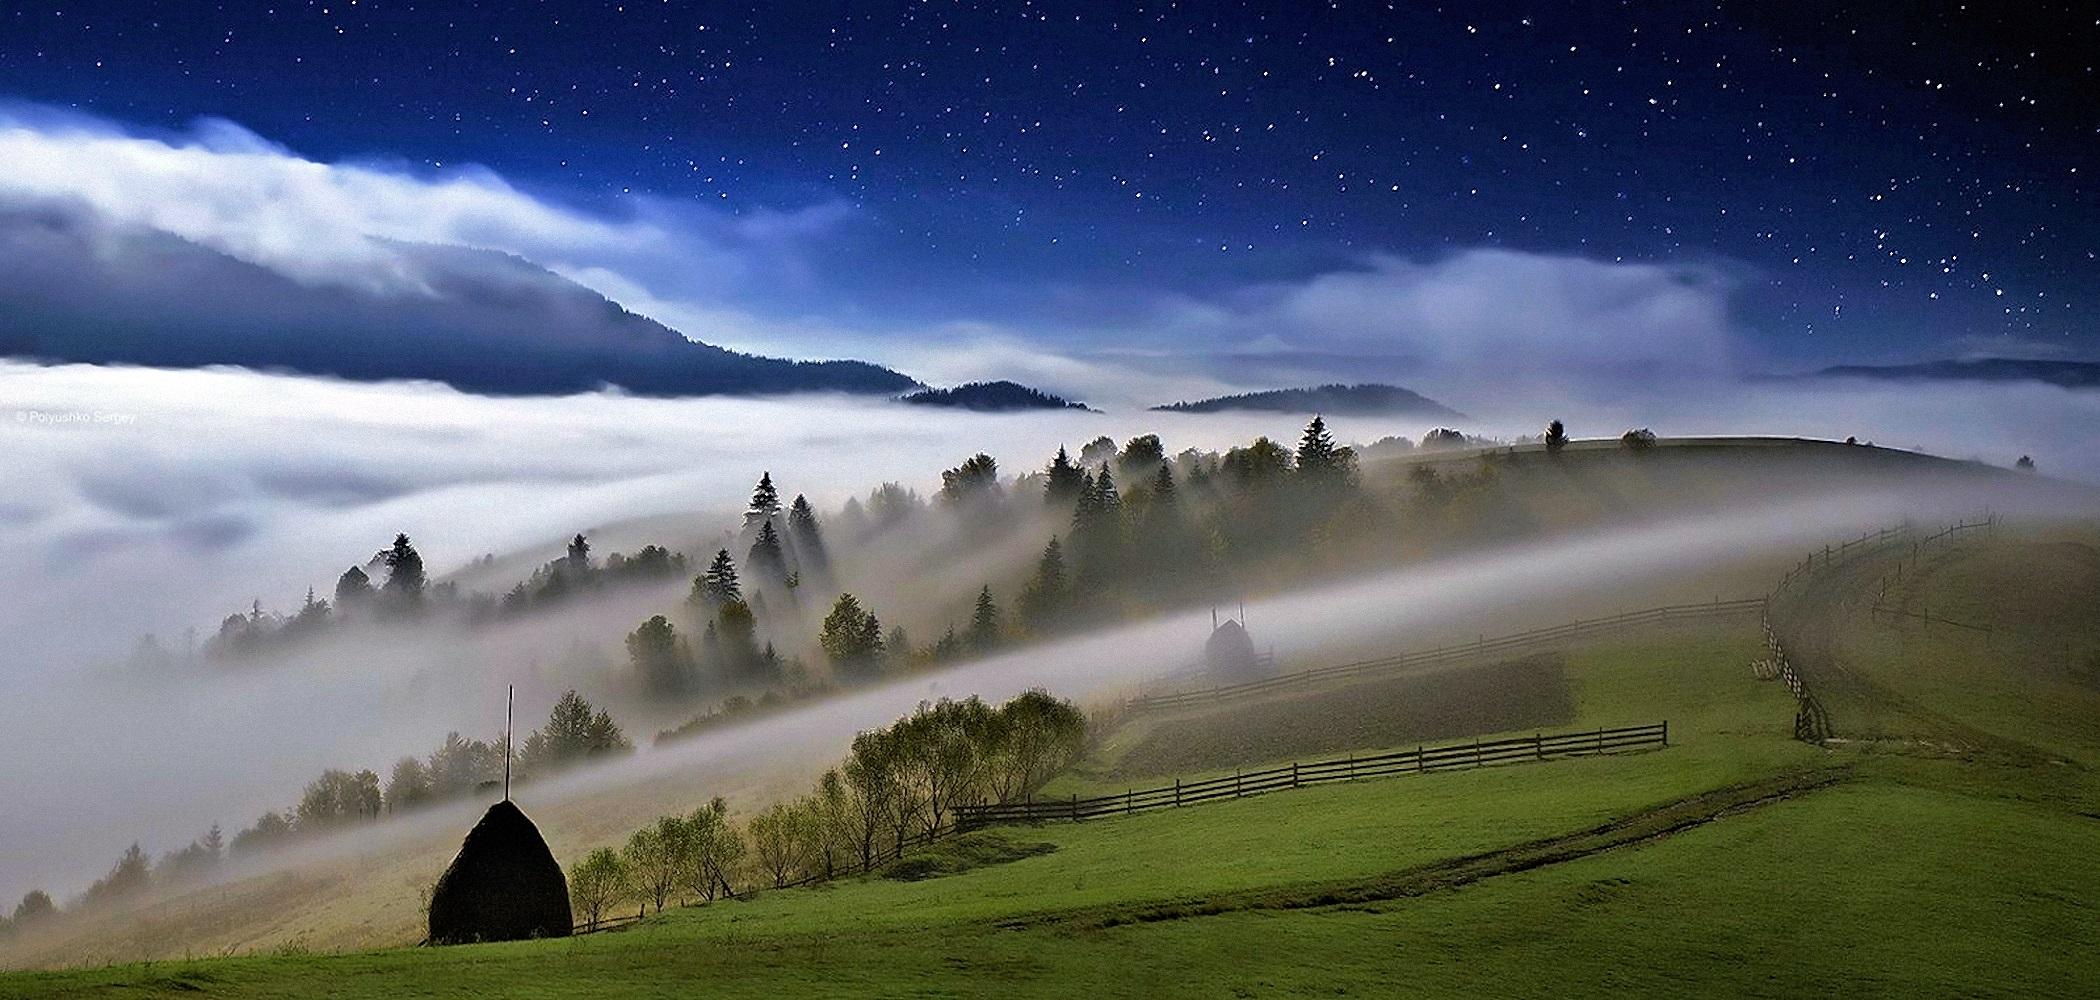 00 Sergei Polyushko. Carpathian Dreams. 2016